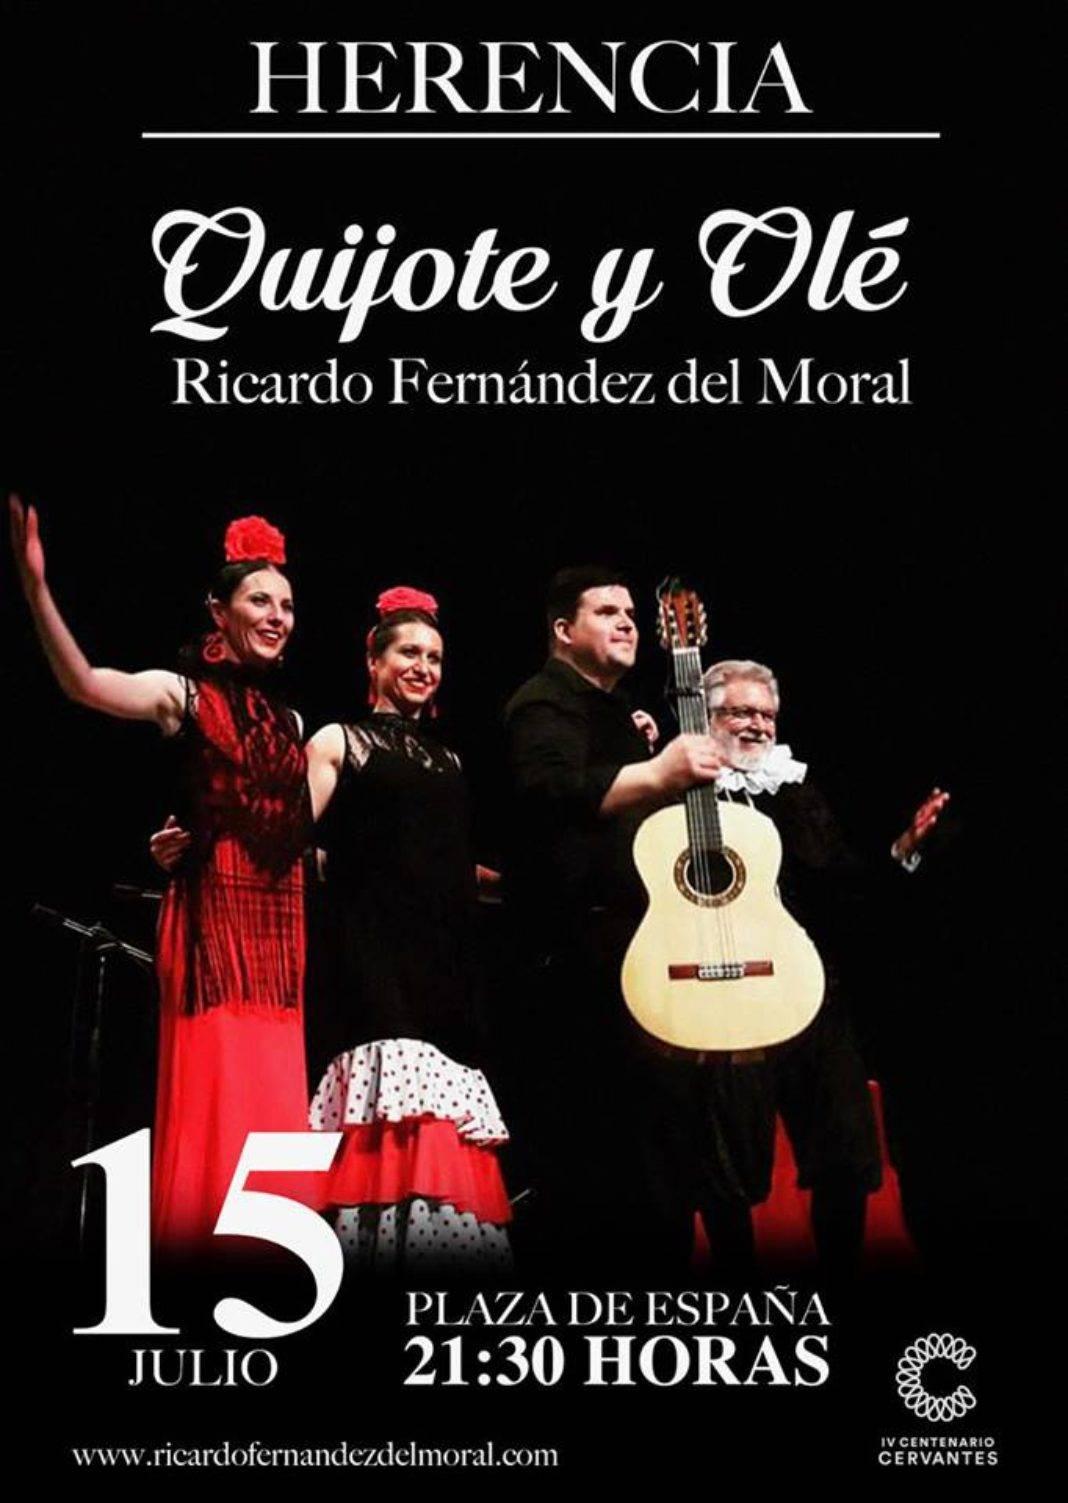 """Ricardo Fernández del Moral llega a Herencia con su """"Quijote y olé"""" 4"""